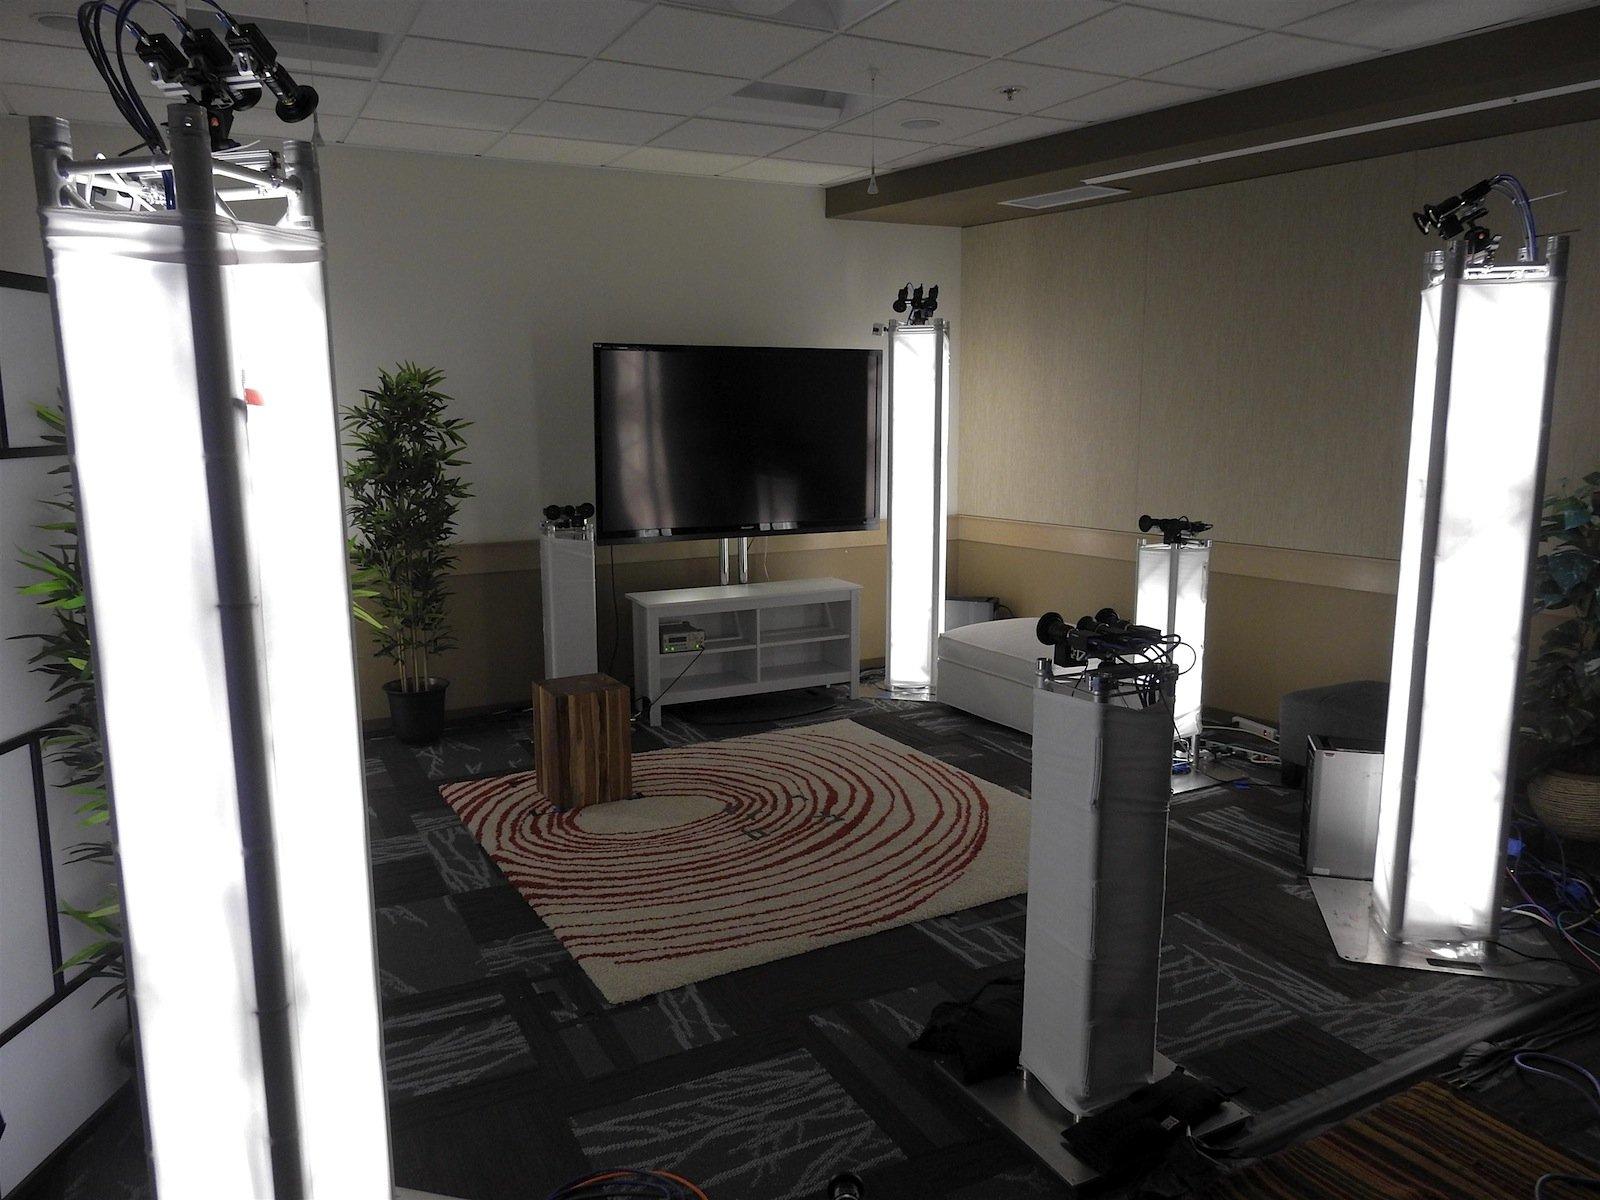 Licht, 3D-Kameras, Mikrofone: Noch ist es ziemlich aufwendig, einen Raum für die Holoportation zu präparieren.